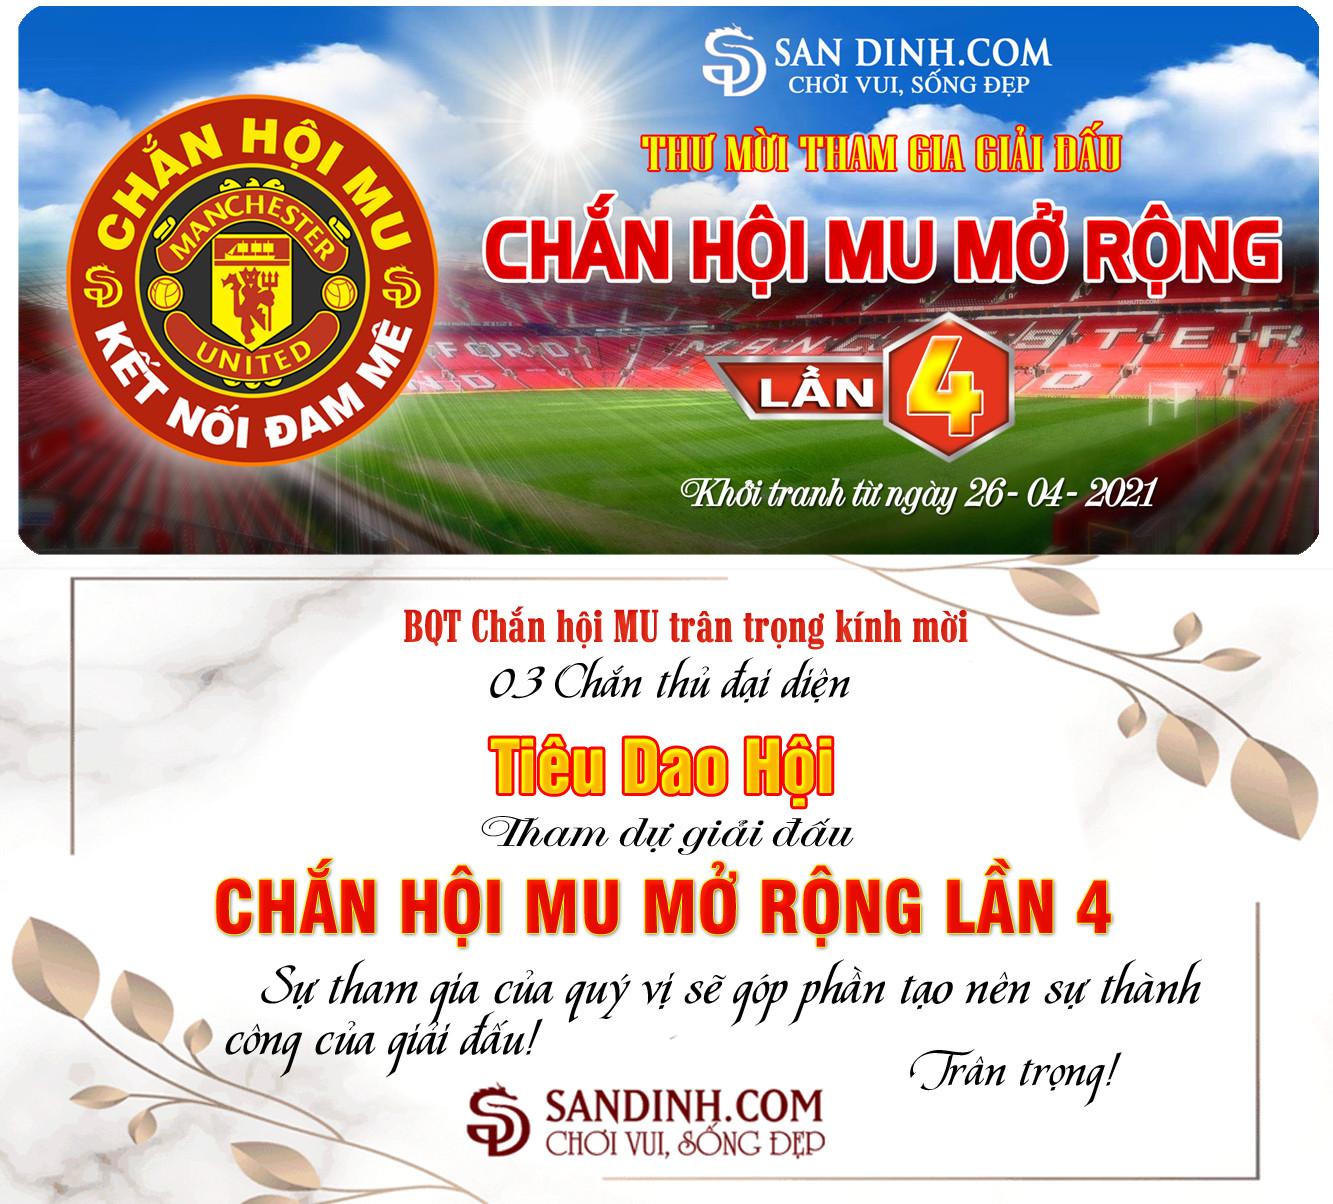 Tieu Dao Hoi.